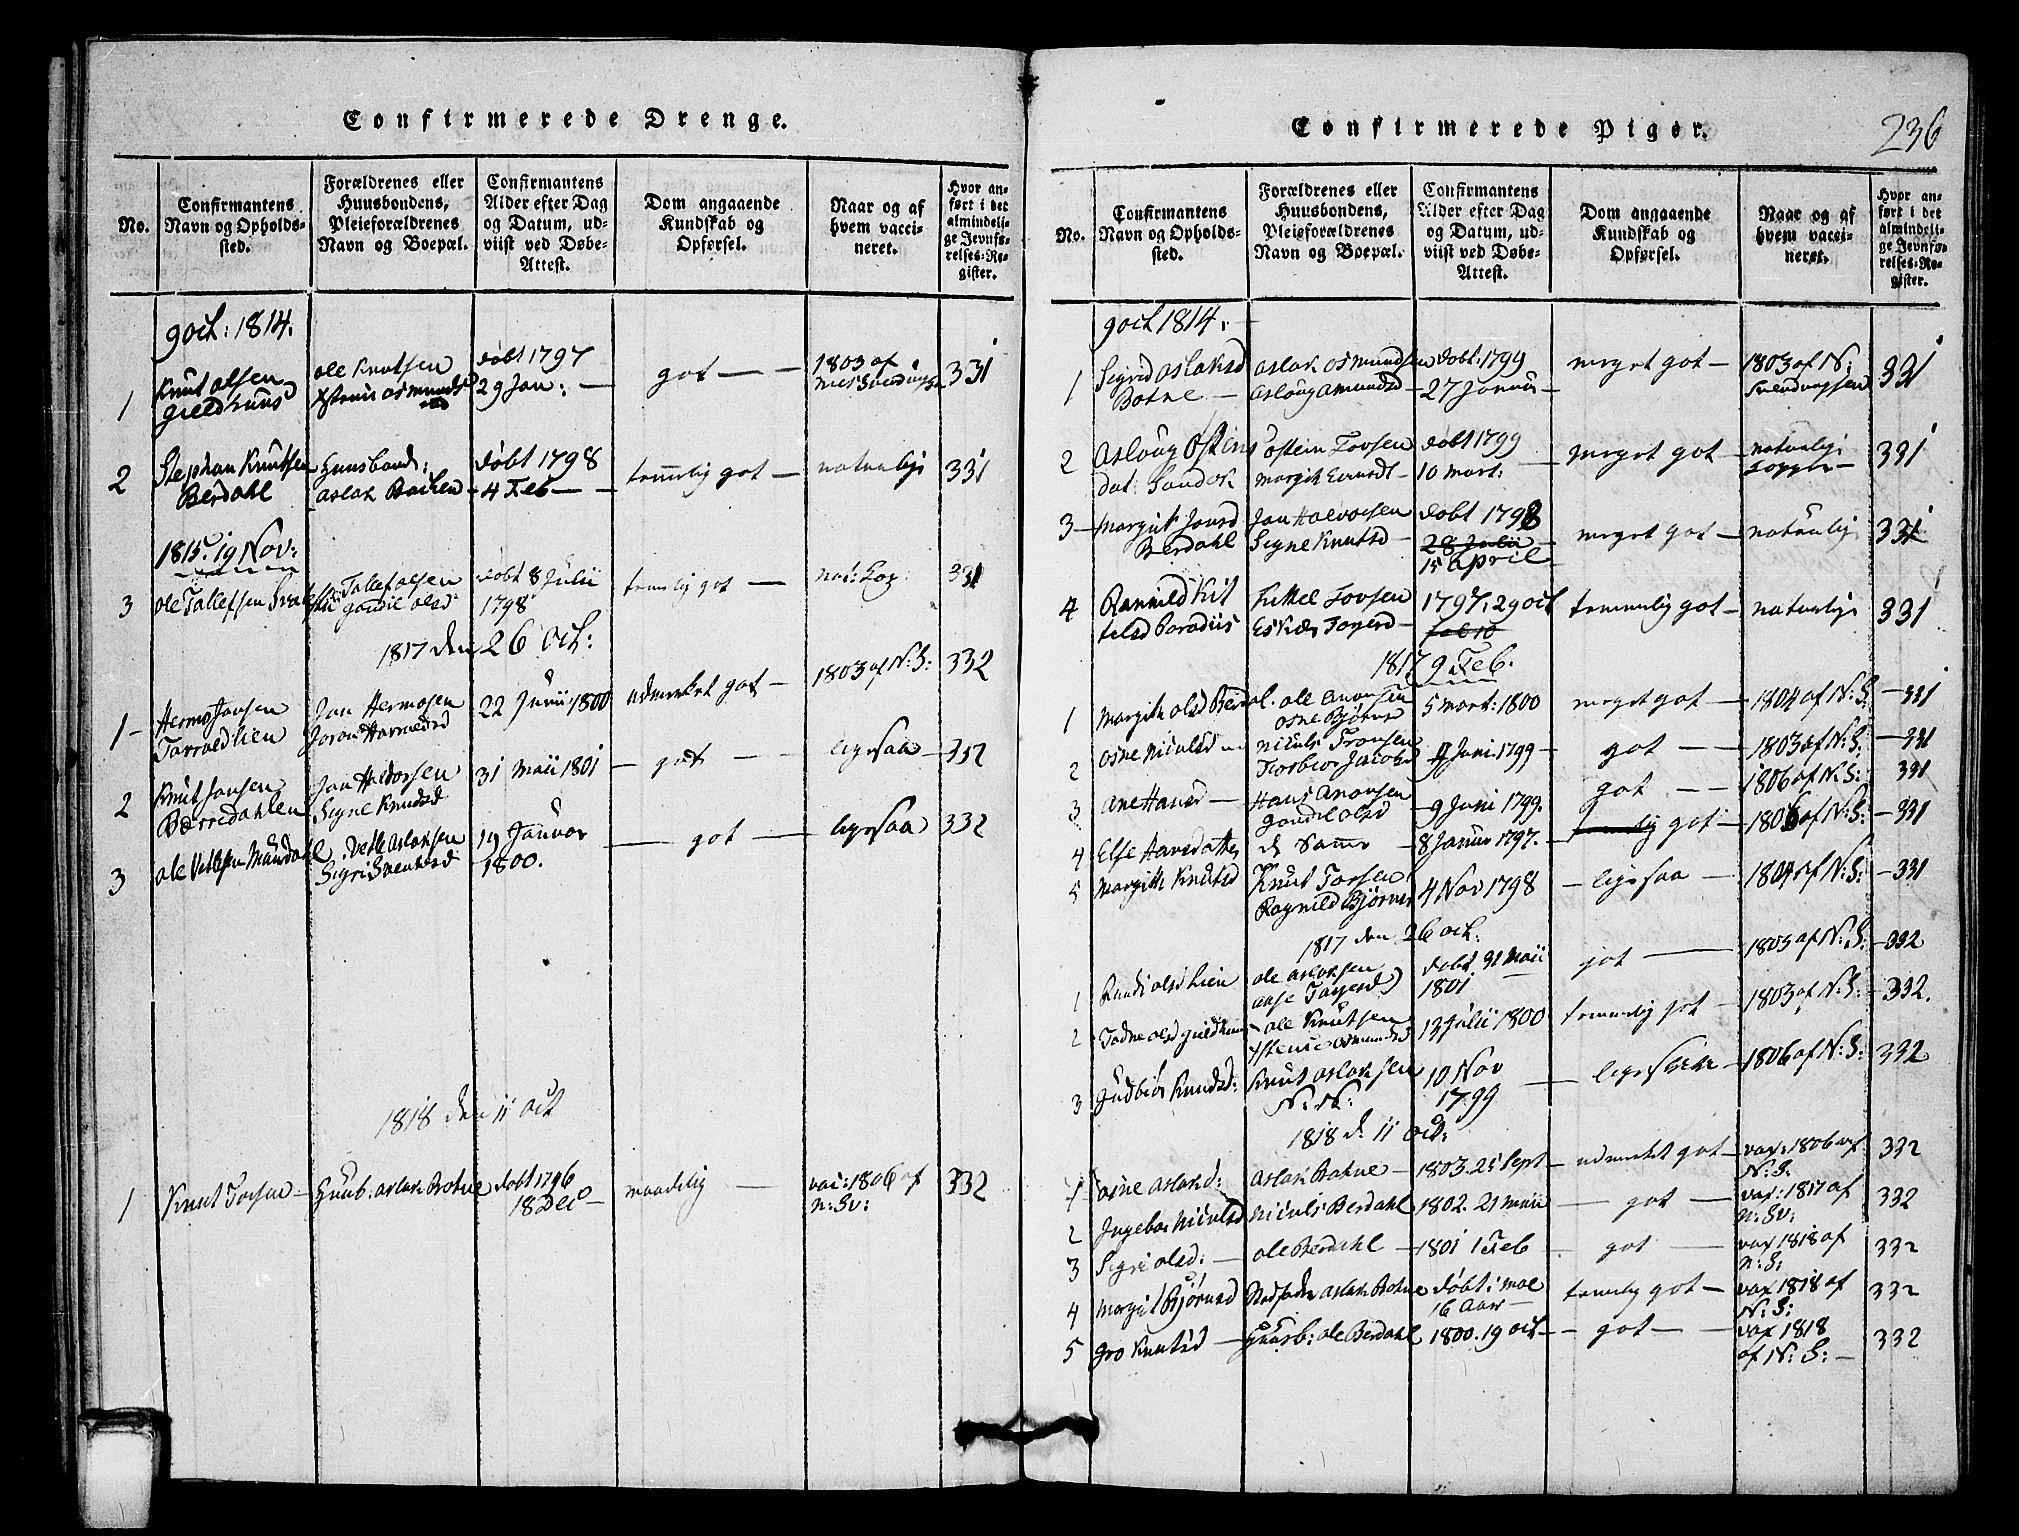 SAKO, Vinje kirkebøker, G/Gb/L0001: Klokkerbok nr. II 1, 1814-1843, s. 236